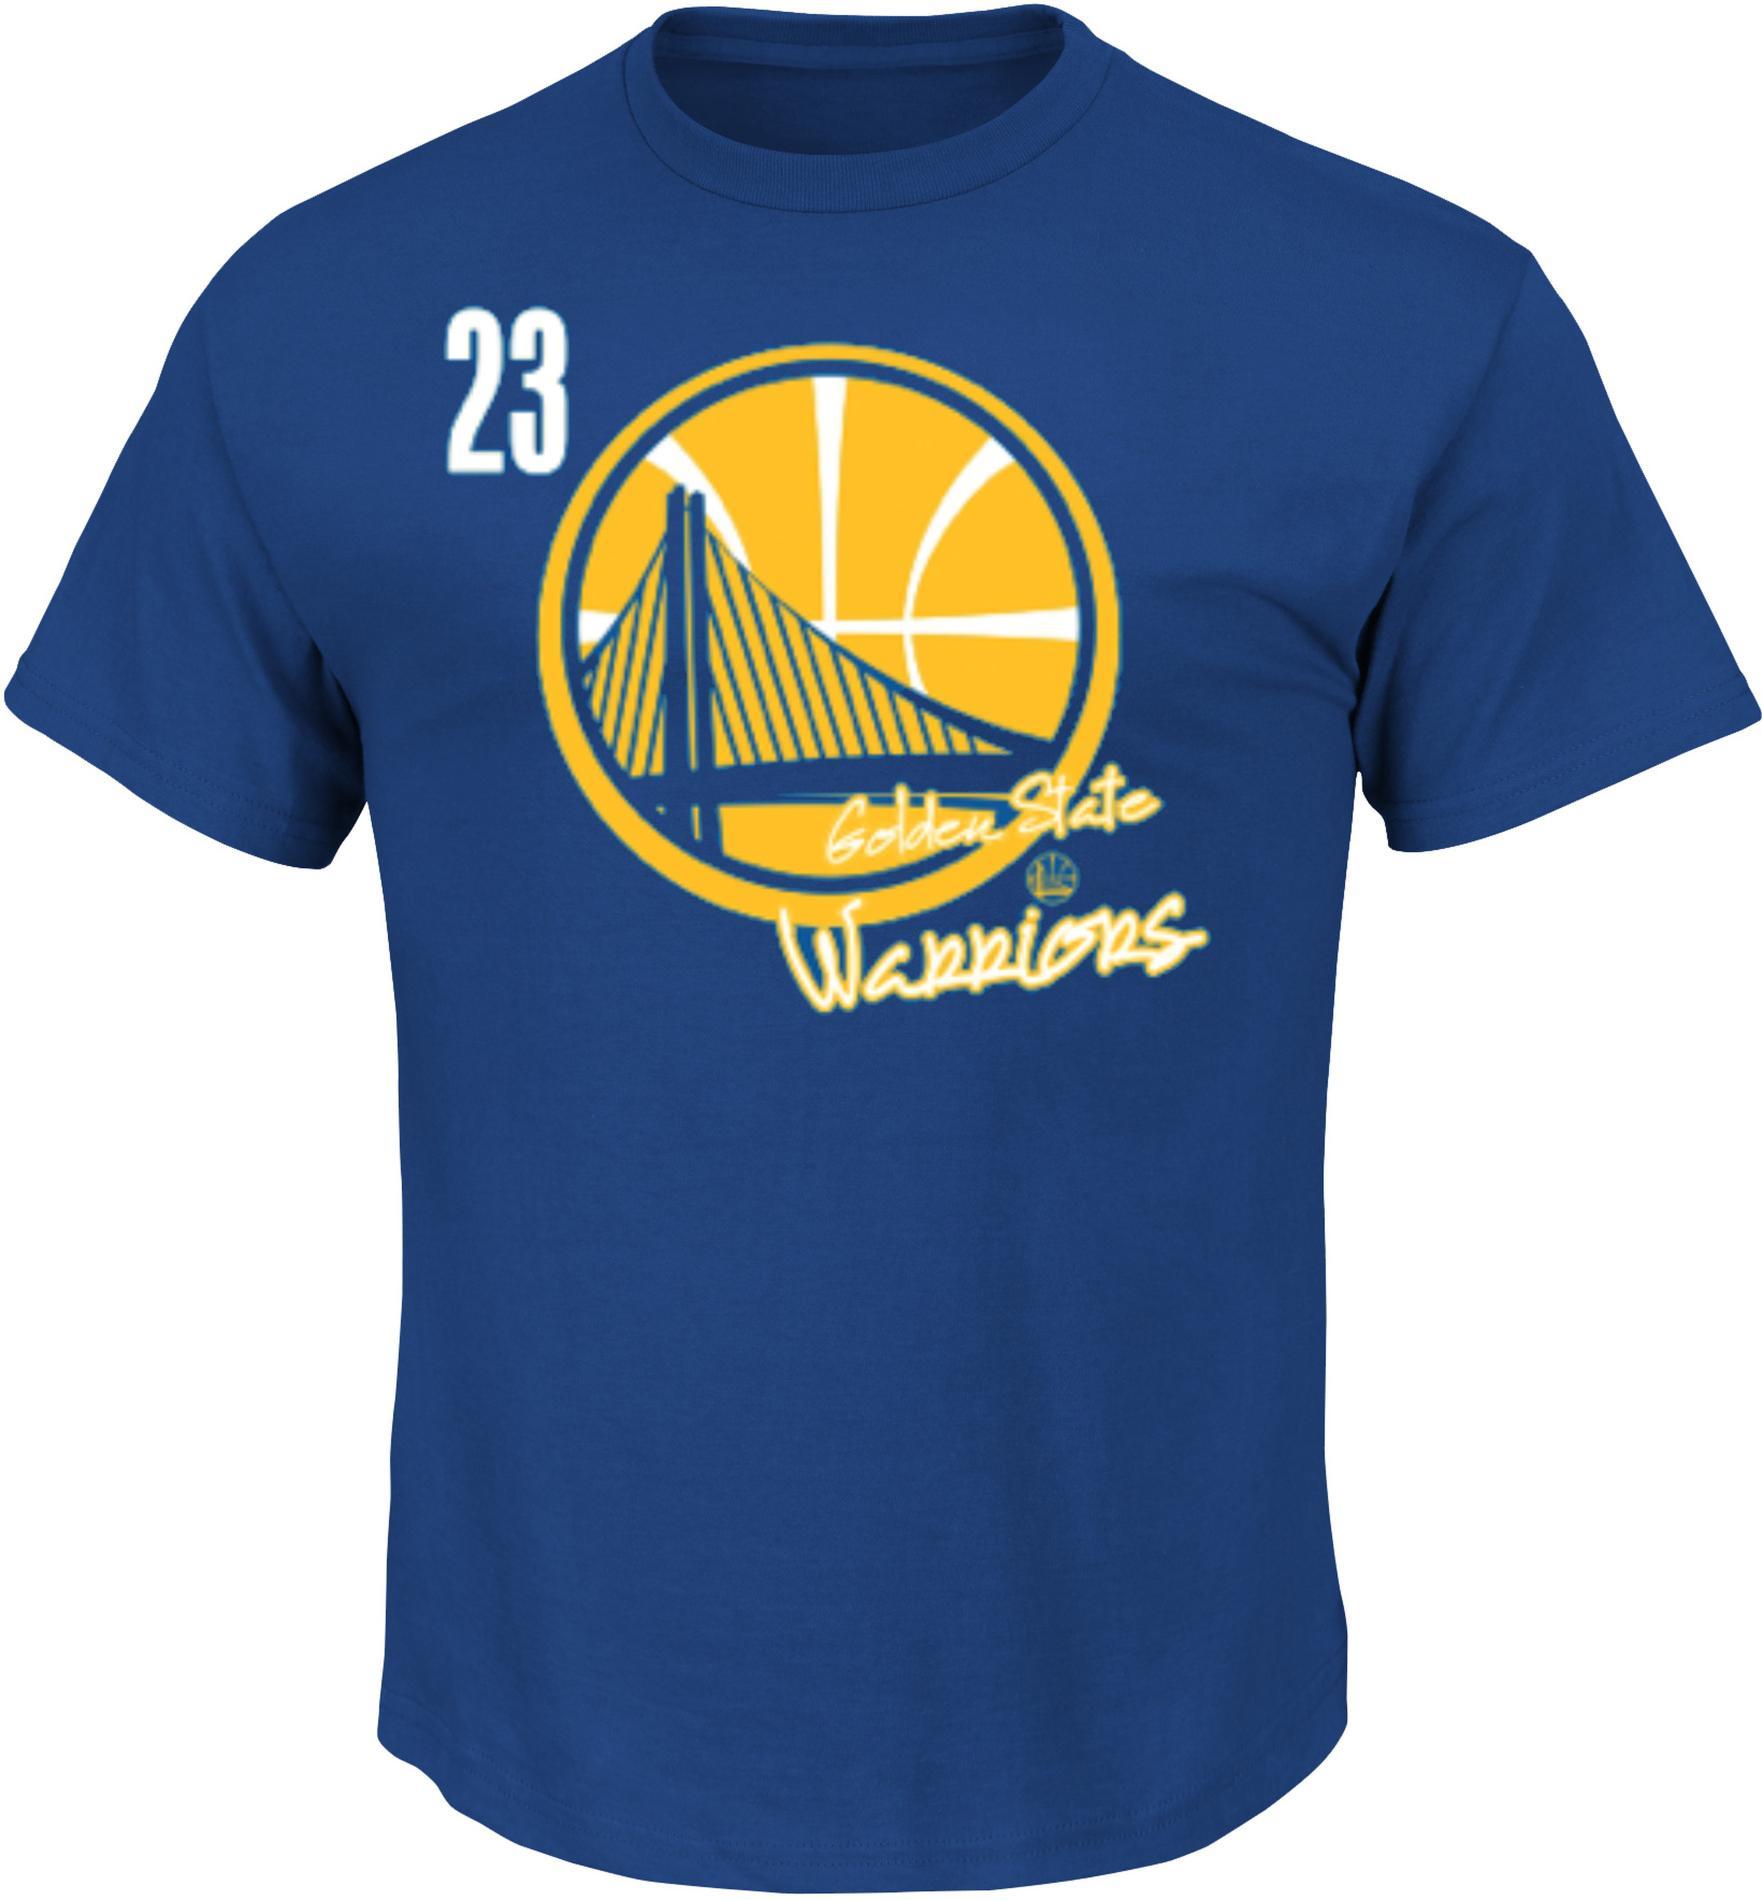 Draymond Green Men's Graphic T-Shirt - Golden State Warriors